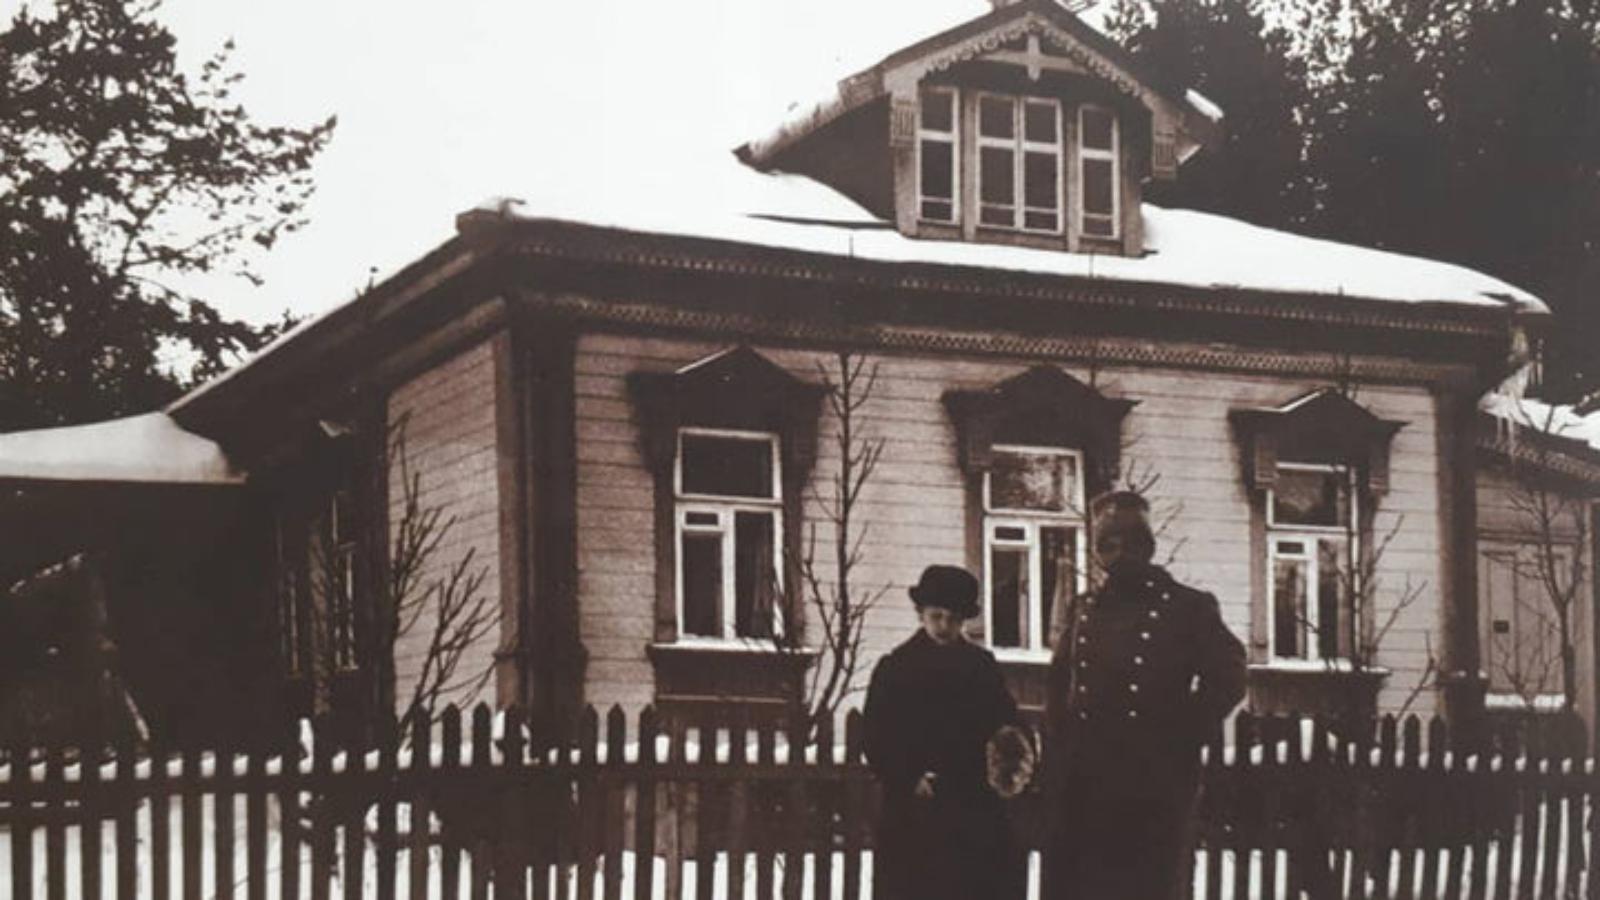 Заключение Главного управления культурного наследия Московской области